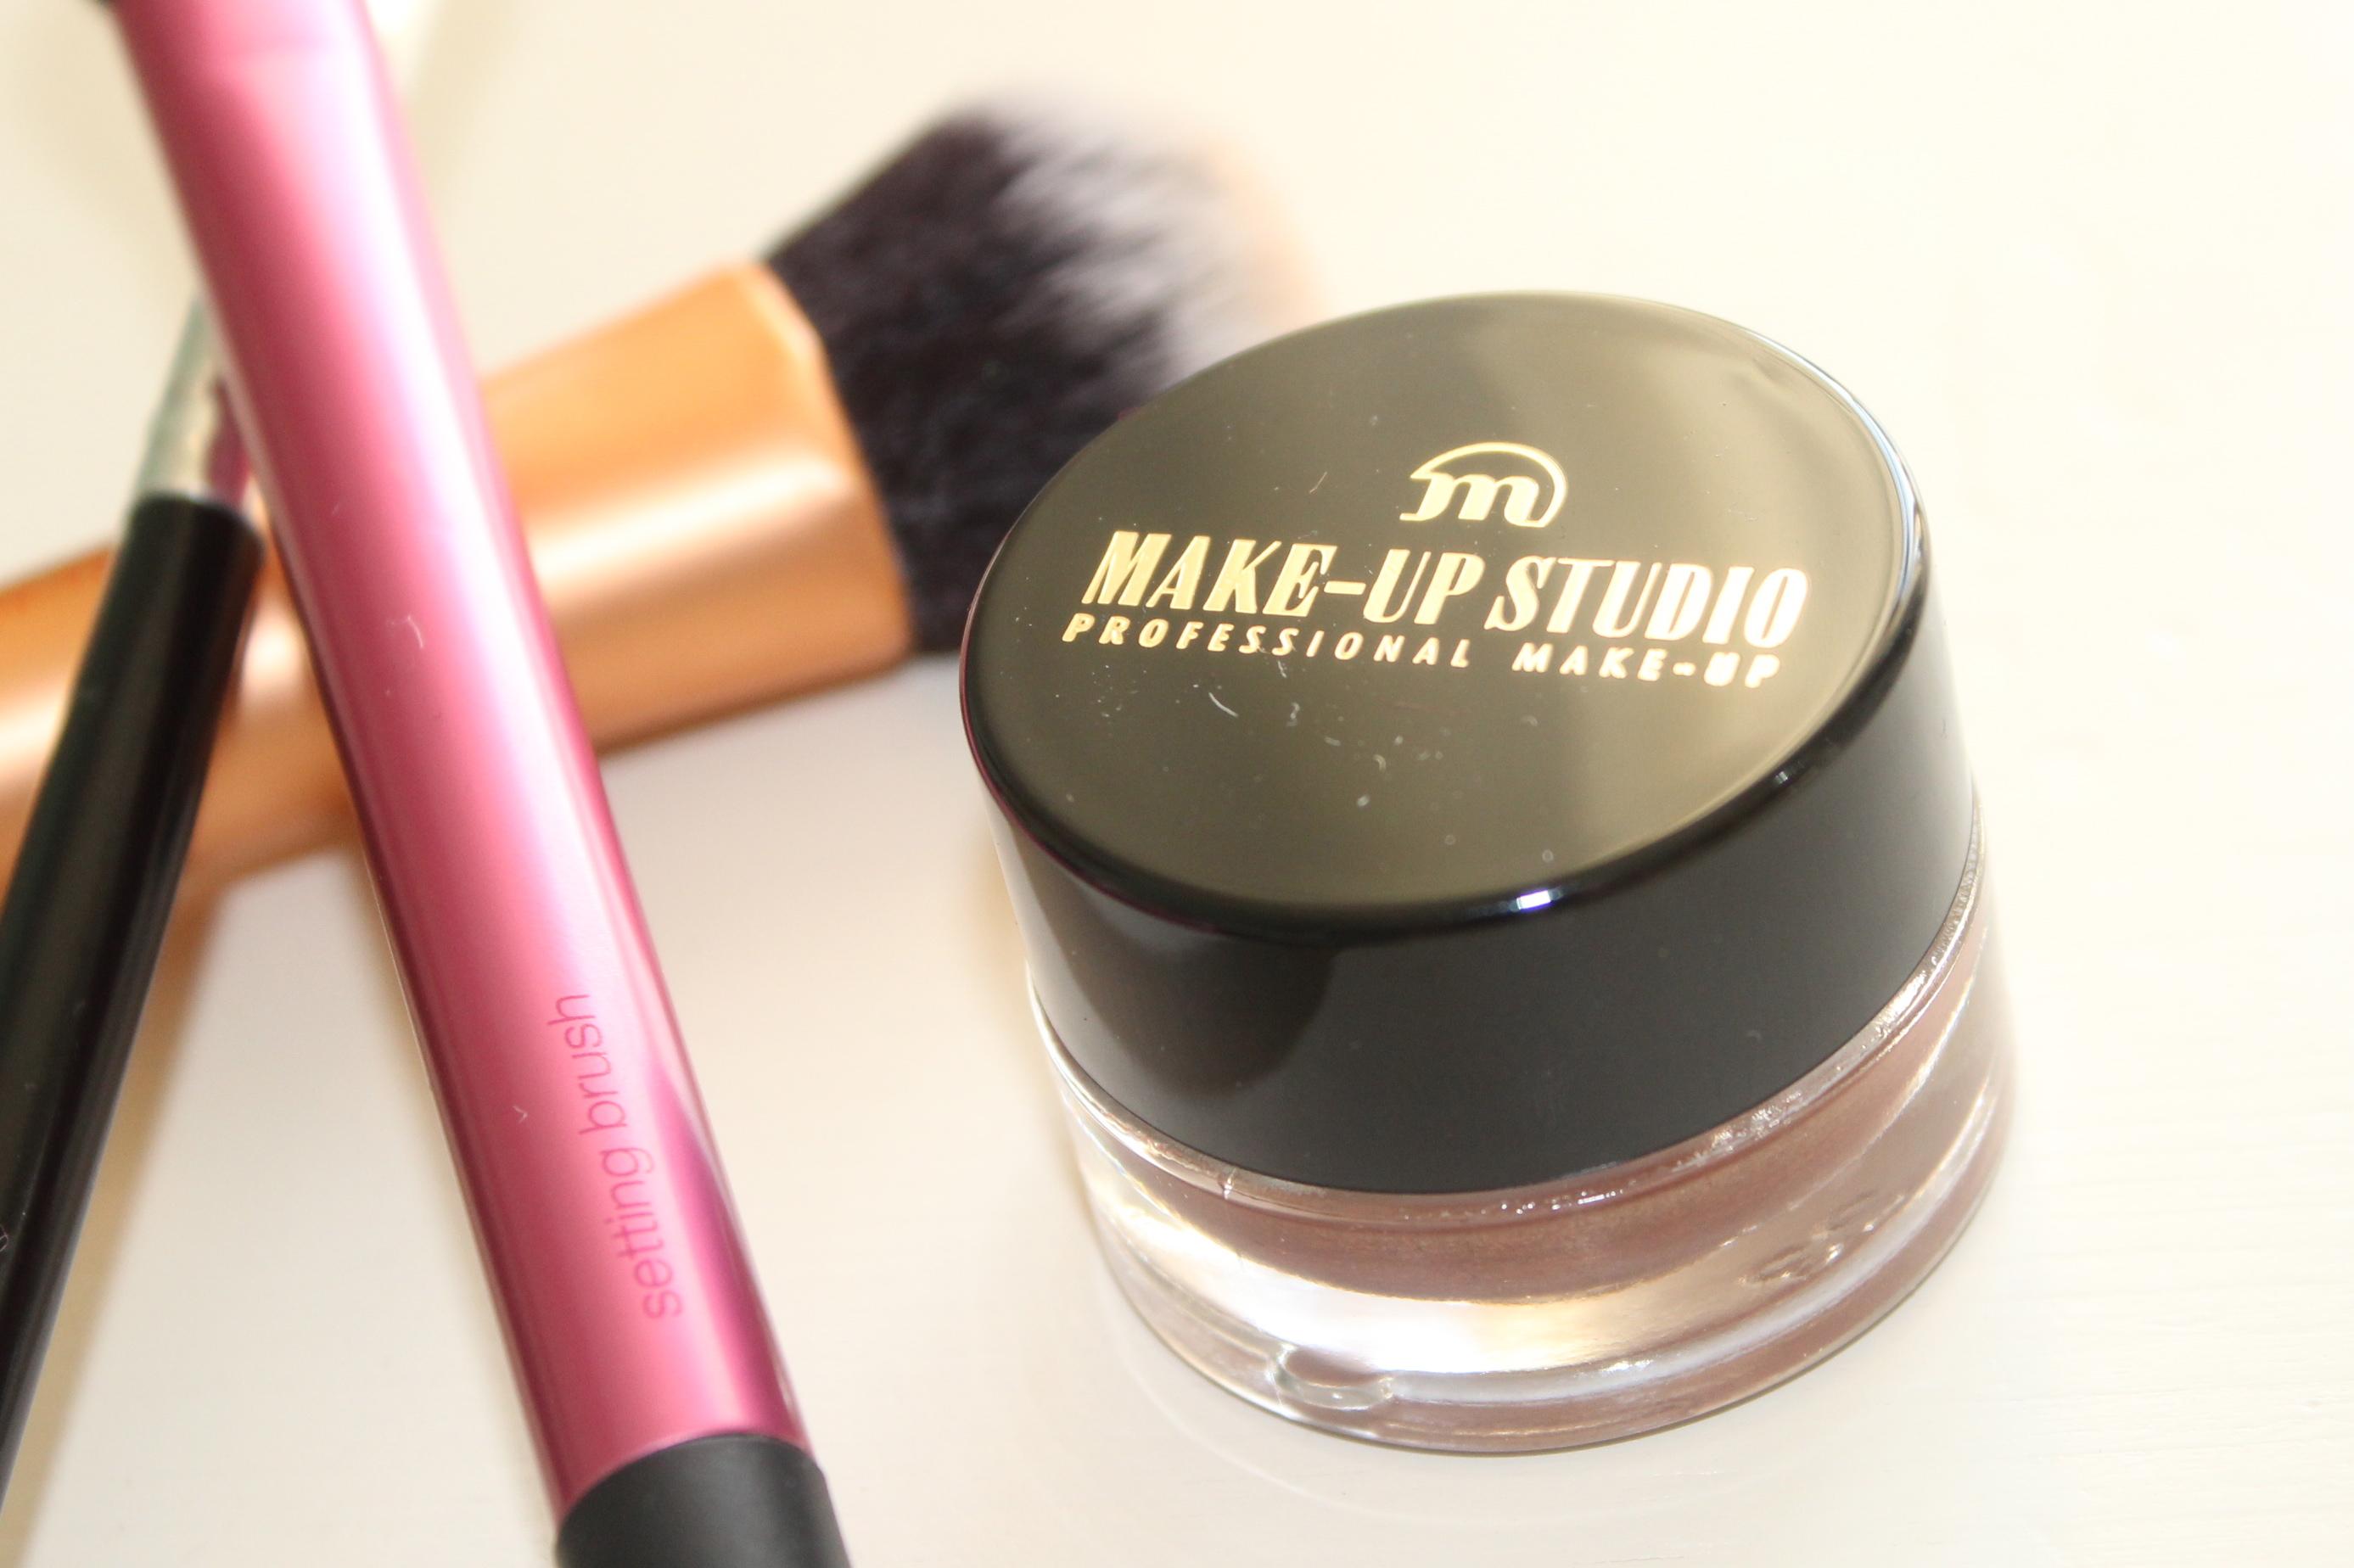 Make-up studio durable eyeshadow mousse be bronze